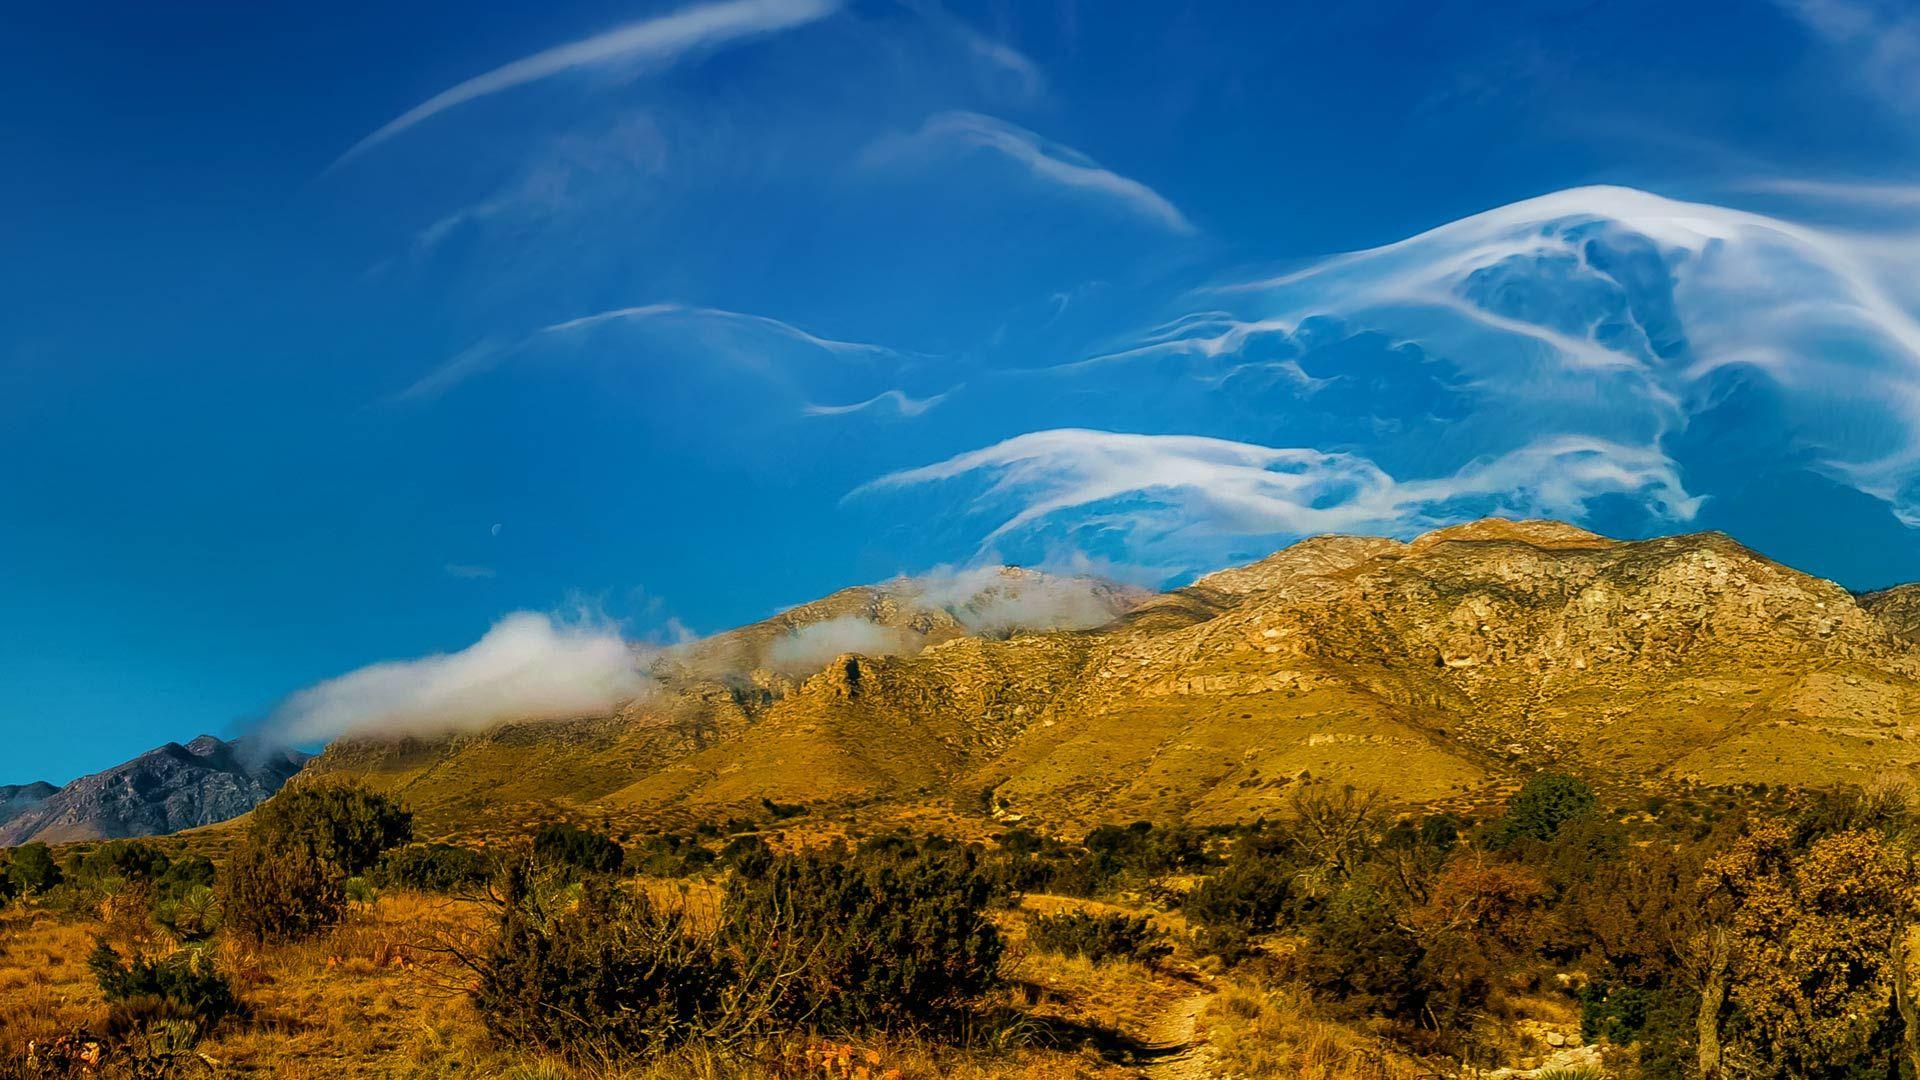 4月30日、グアダルーペ山脈の巻雲